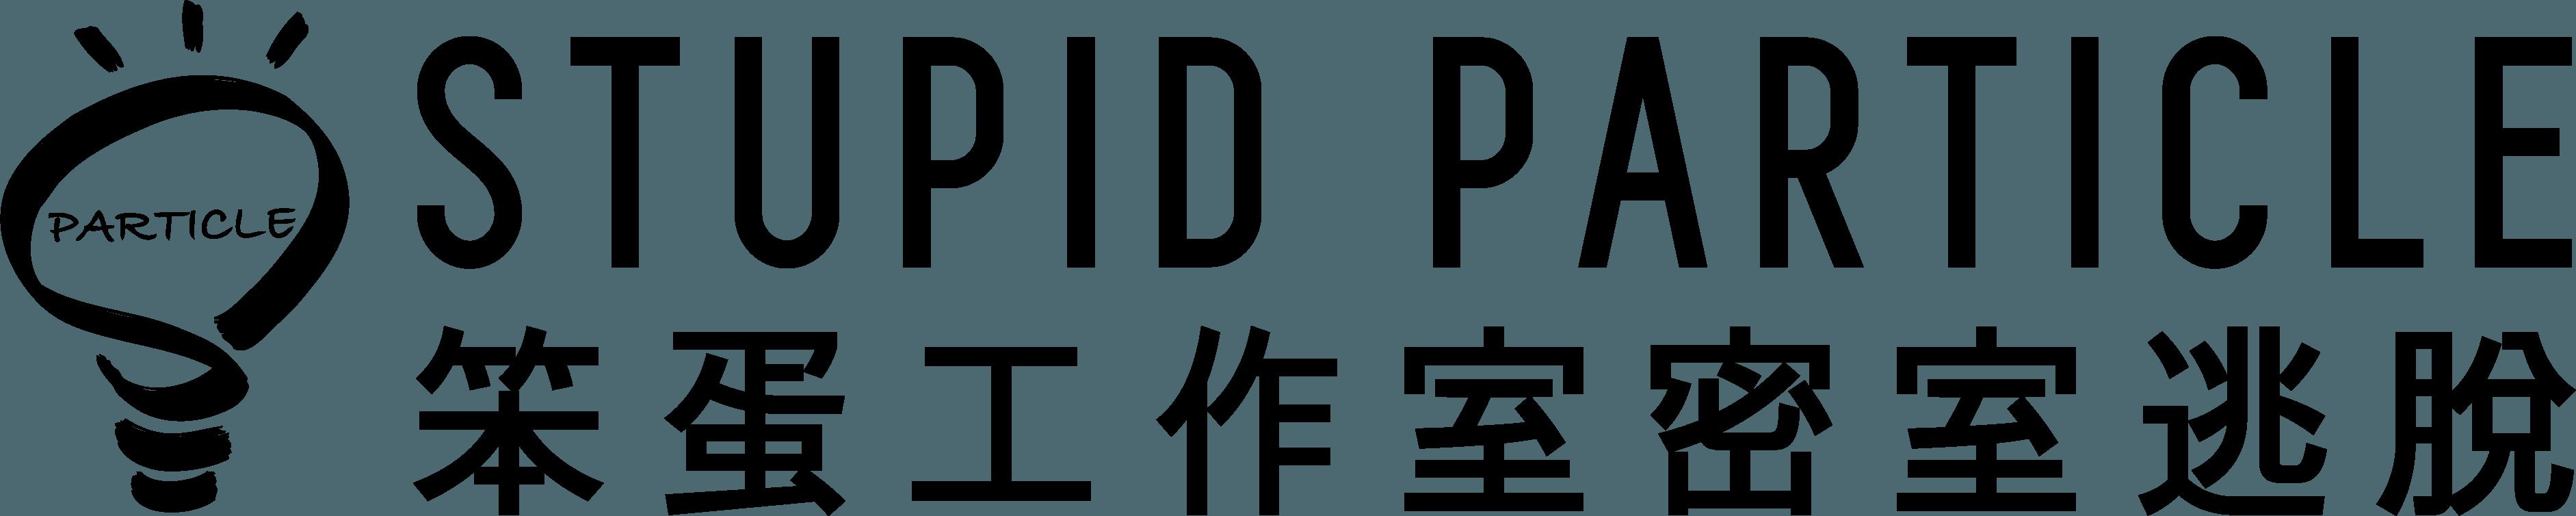 logo-笨蛋工作室台中館